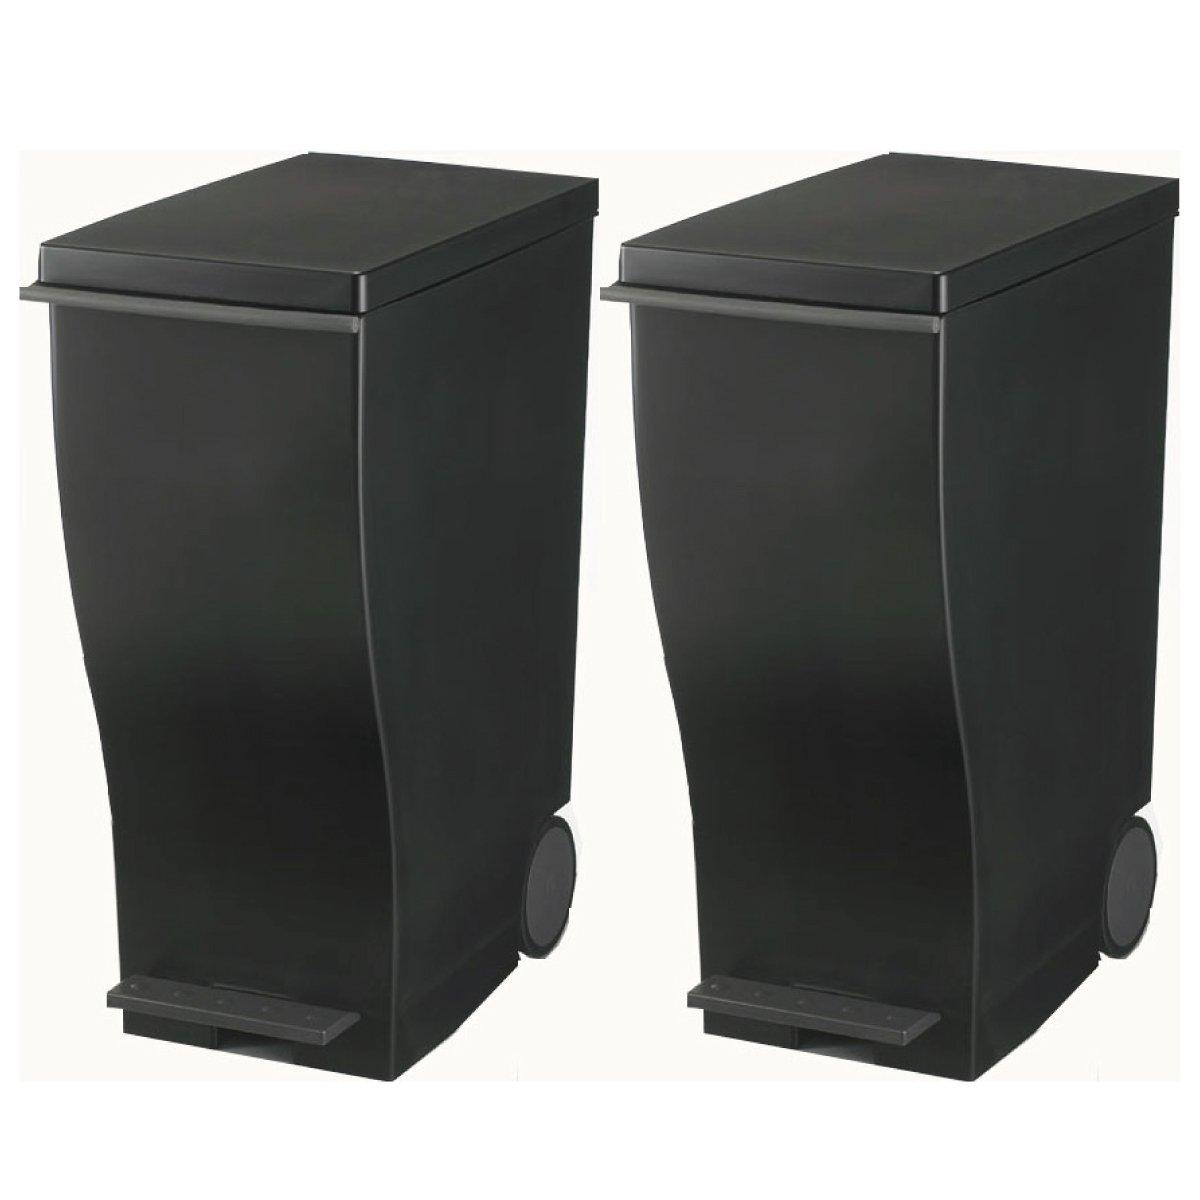 【日本製グッドデザイン賞受賞ダストボックス】 I'mD (アイムディ) Kcud スリムペダル 30 M 2個セット (ブラック×ブラック) B016W74B1S ブラック×ブラック ブラック×ブラック